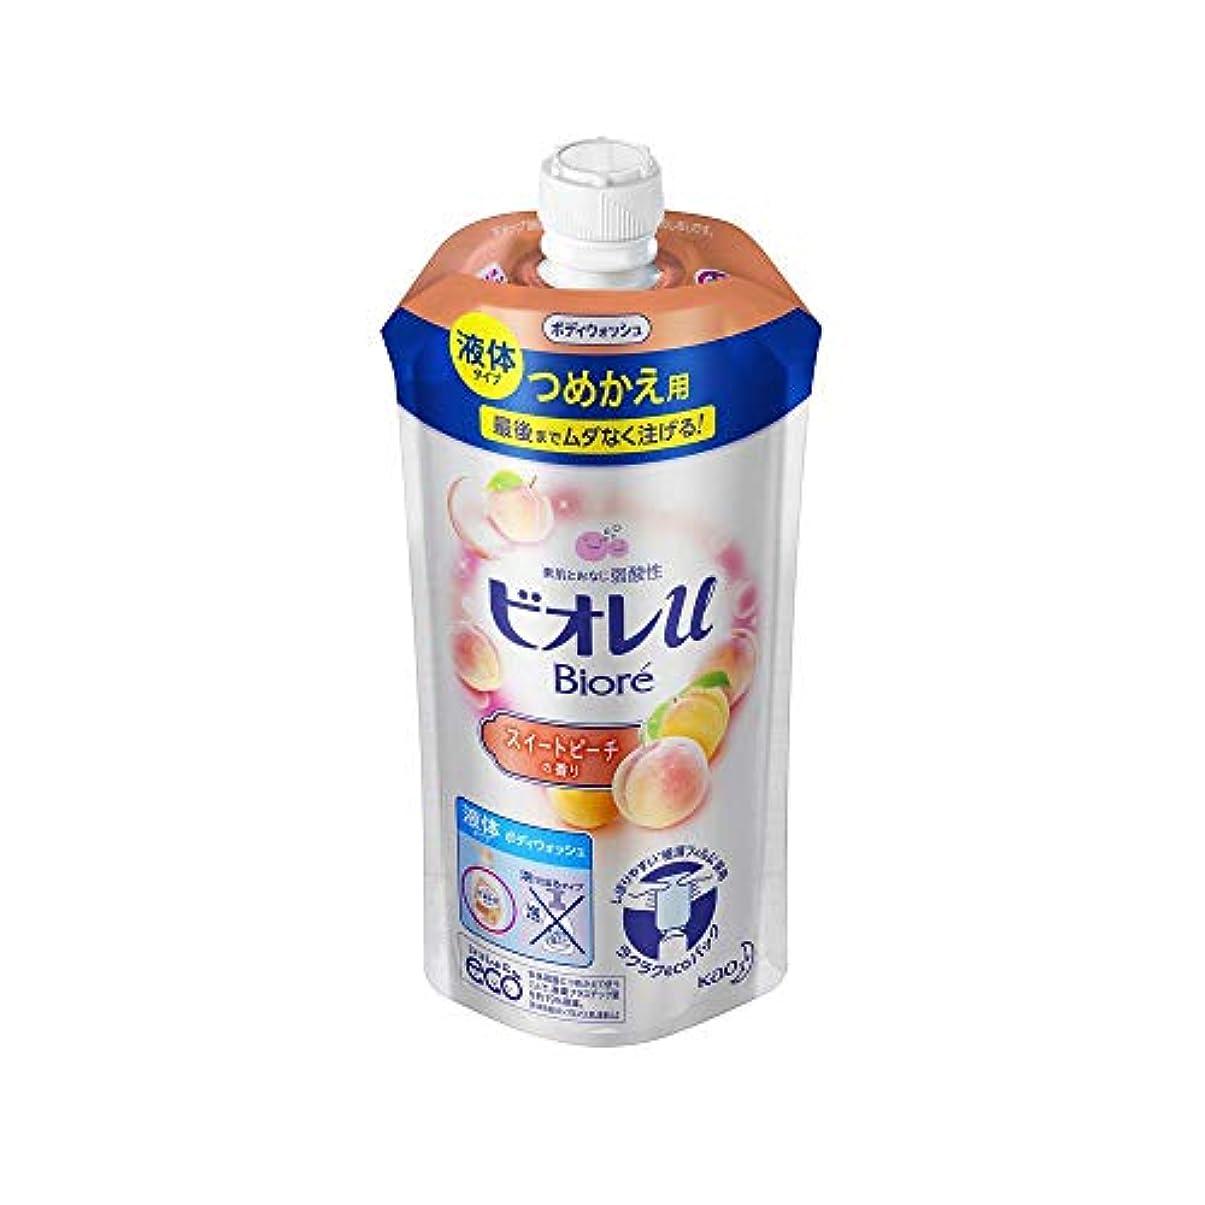 モニカ武器風邪をひく花王 ビオレu スイートピーチの香りつめかえ用 340ML